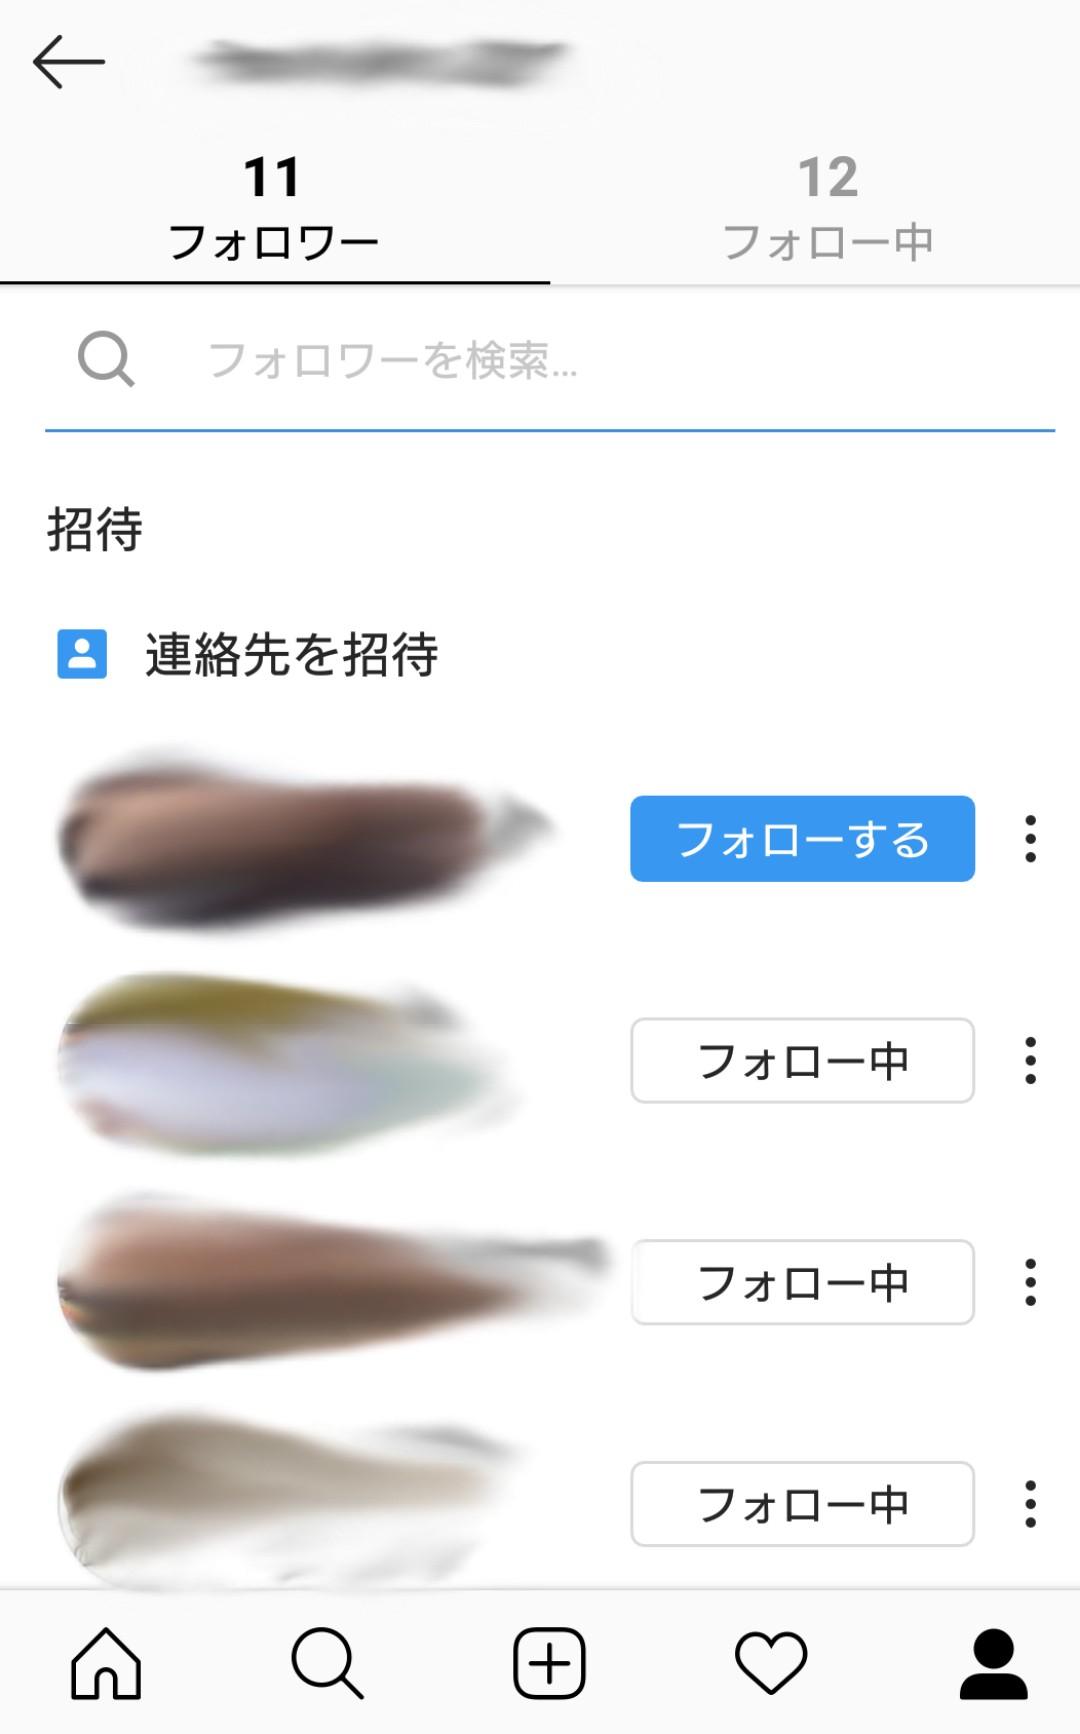 f:id:shunsuke2000:20190331230017j:plain